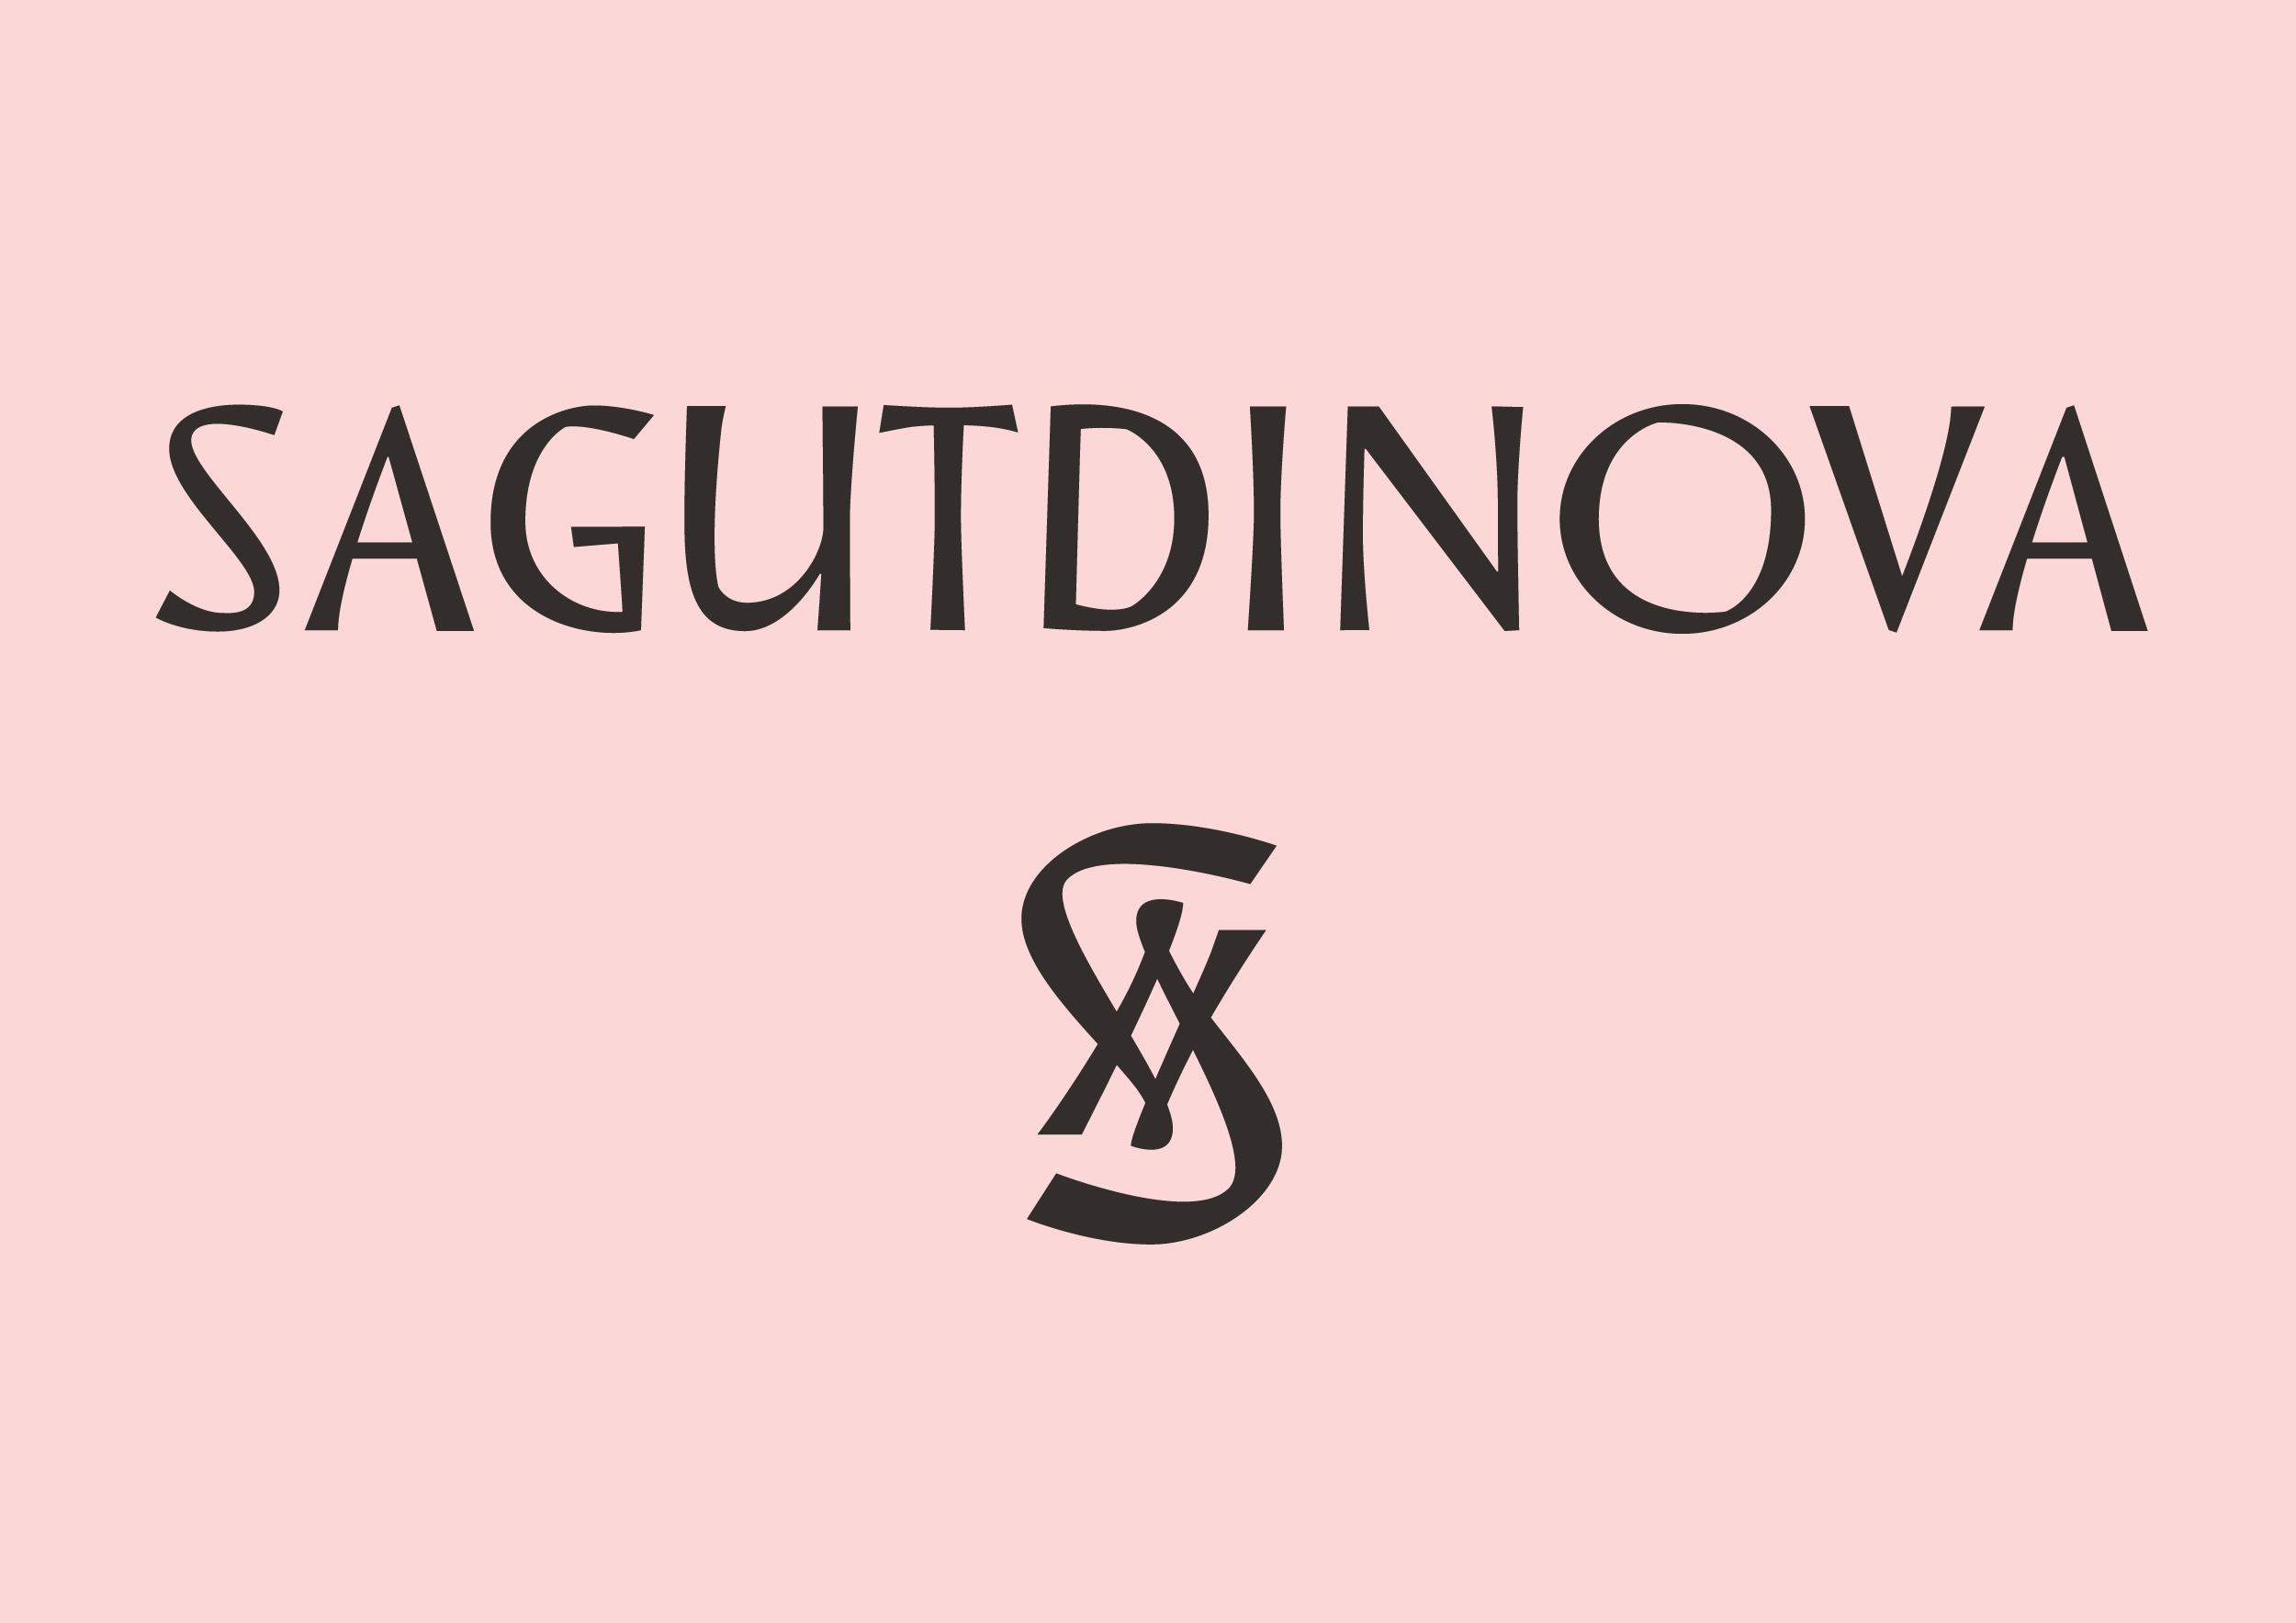 Sagutdinova-logo2